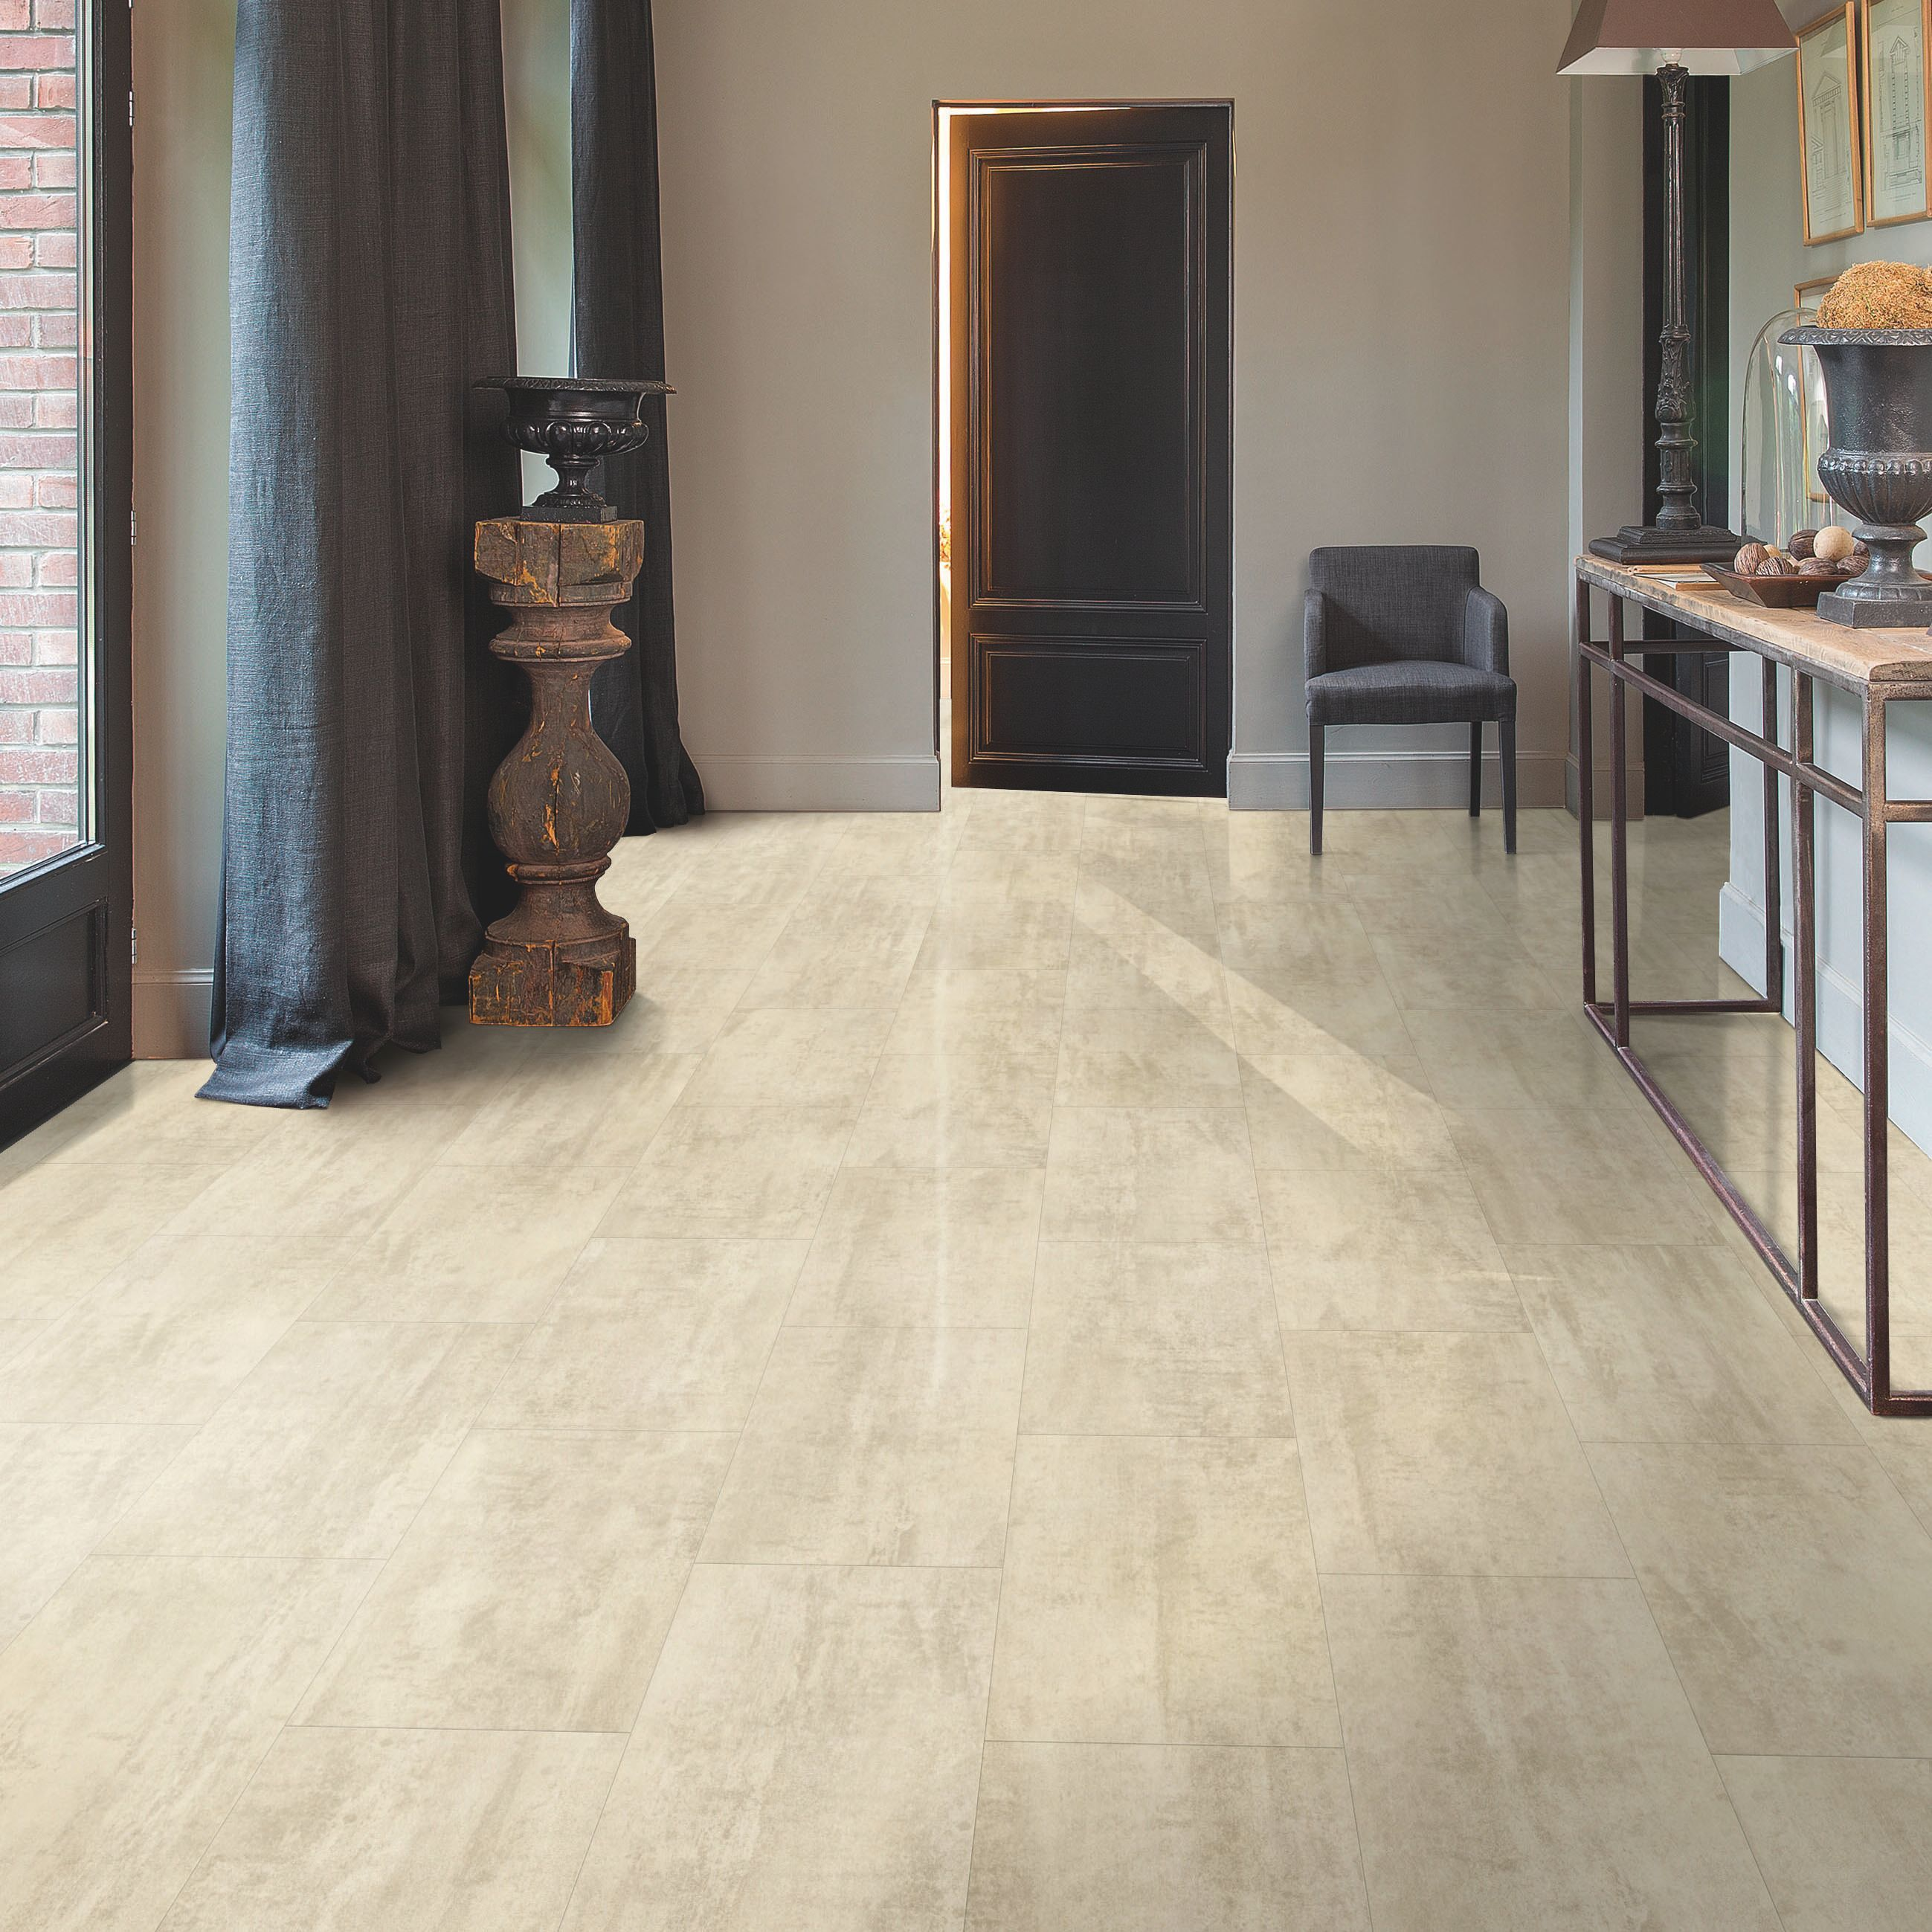 Laminate Flooring Is There A Waterproof Option Waterproof